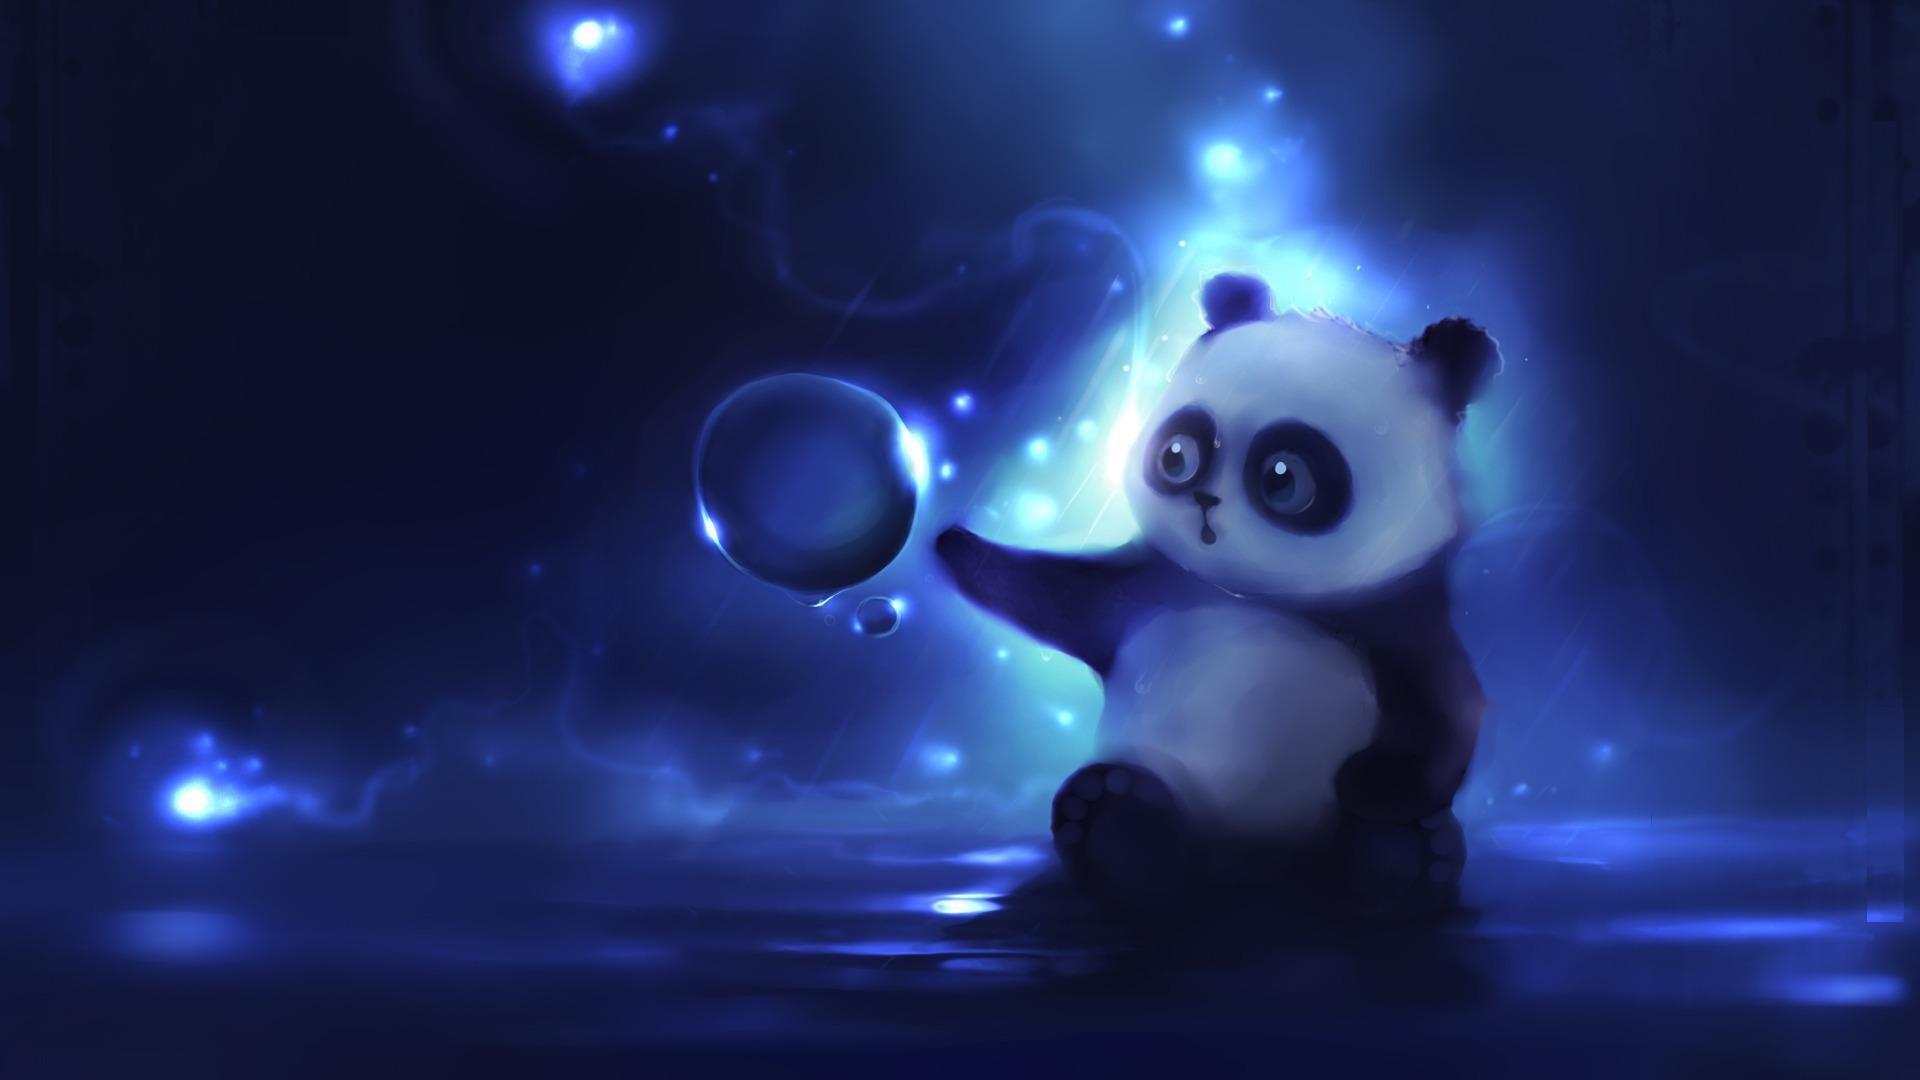 cute animated panda download beautiful animated desktop wallpapers